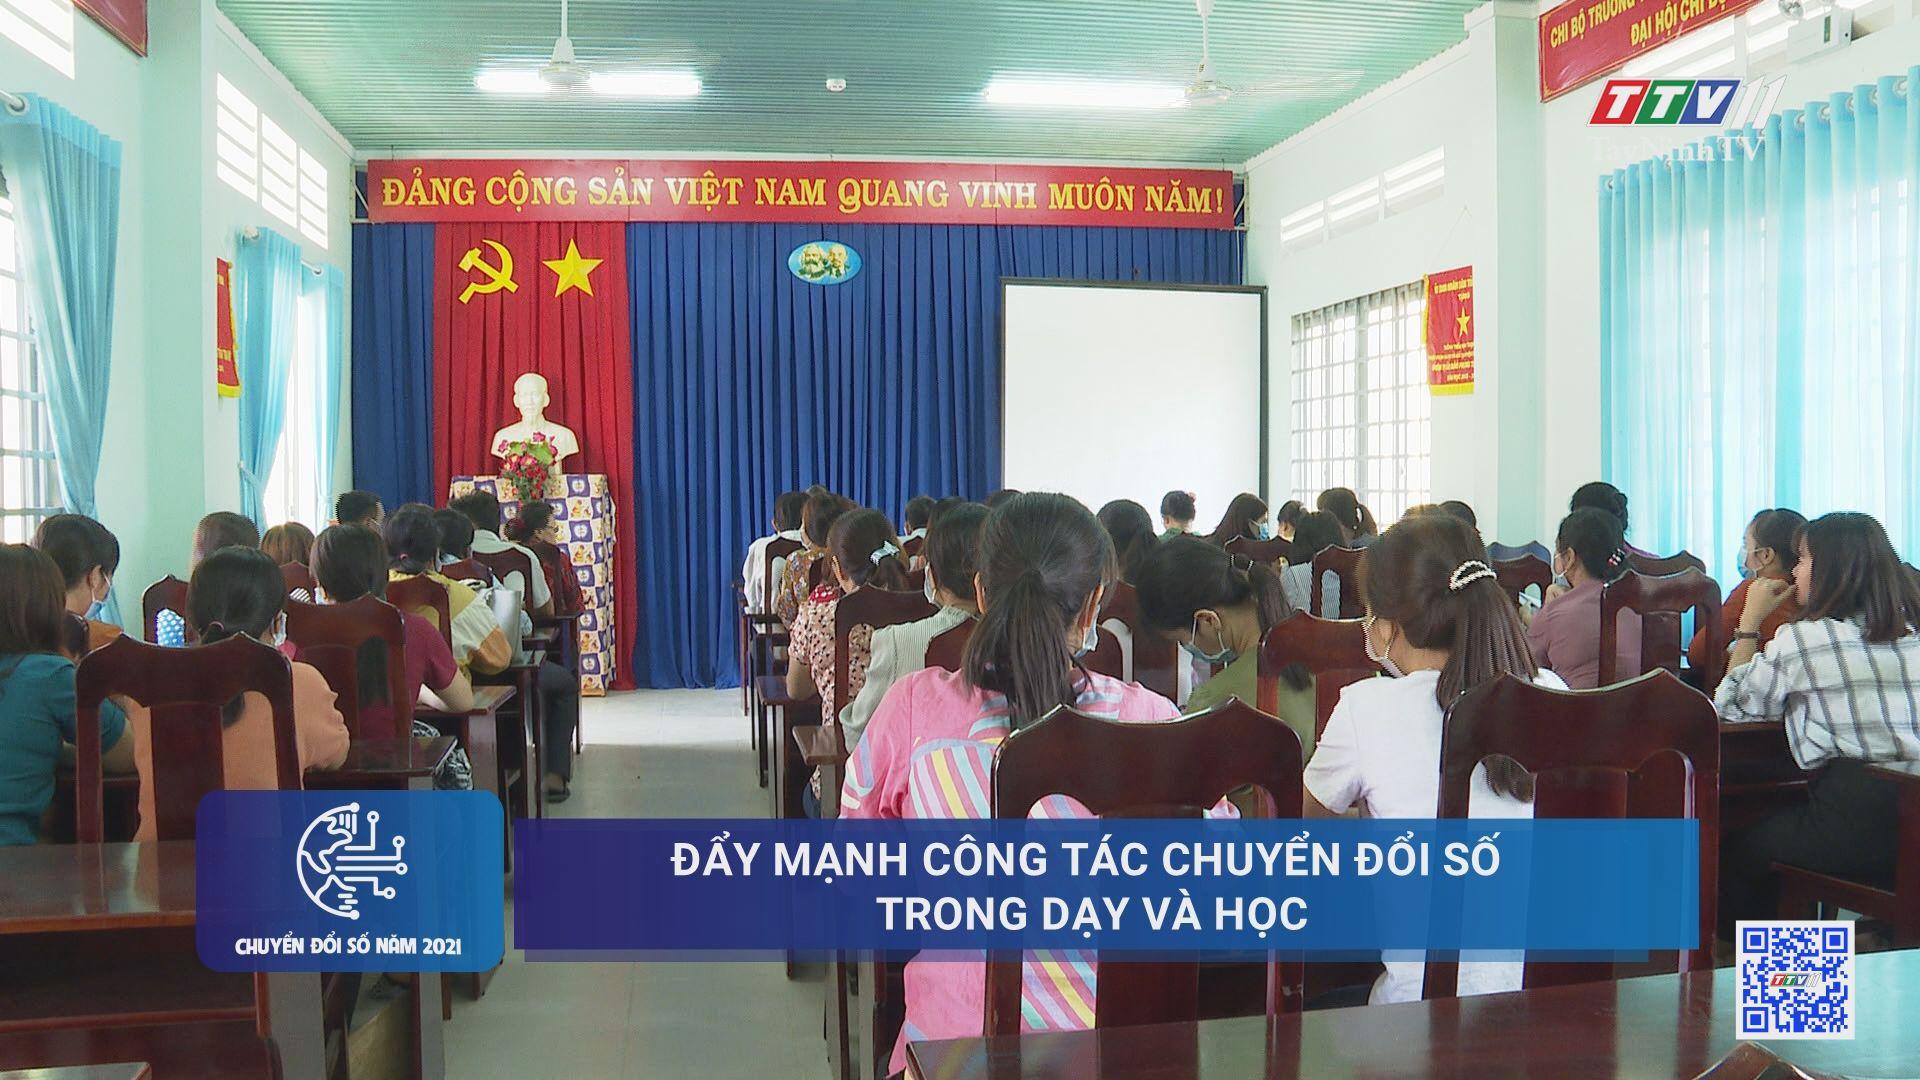 Đẩy mạnh công tác chuyển đổi số trong dạy và học | CHUYỂN ĐỔI SỐ | TayNinhTV